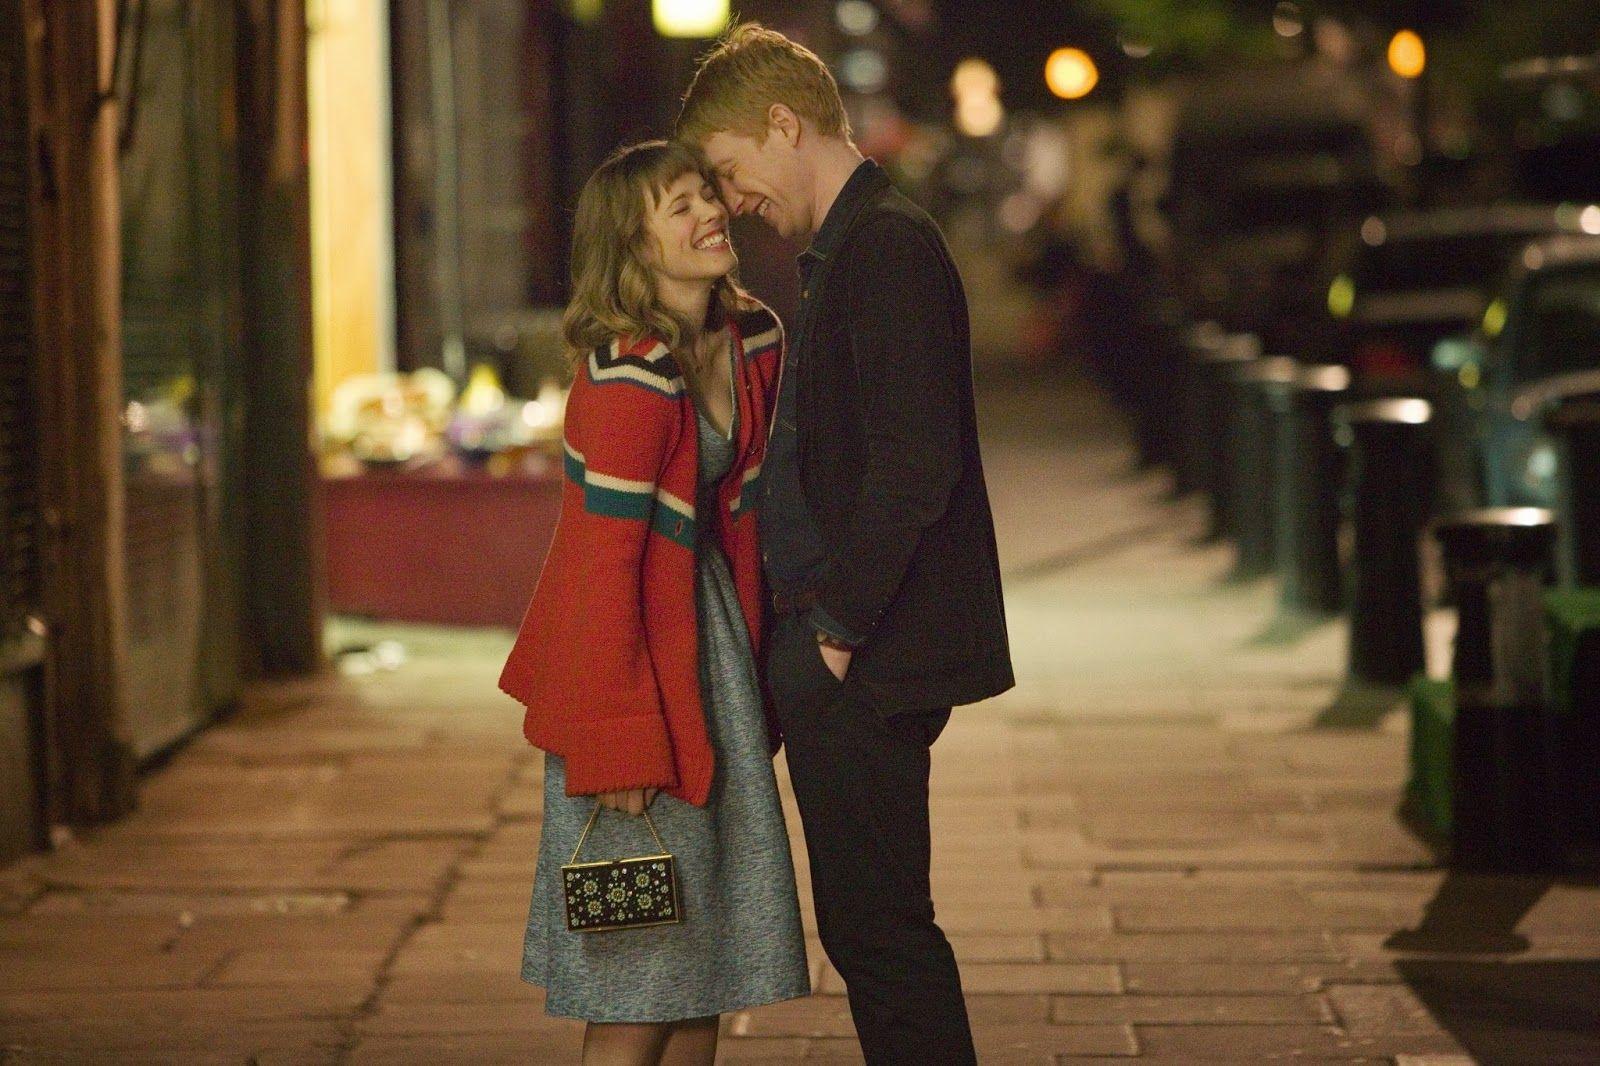 Questão de Tempo >> http://modomeu.com/cinema-e-tv/filme/te-amarei-para-sempre-e-questao-de-tempo